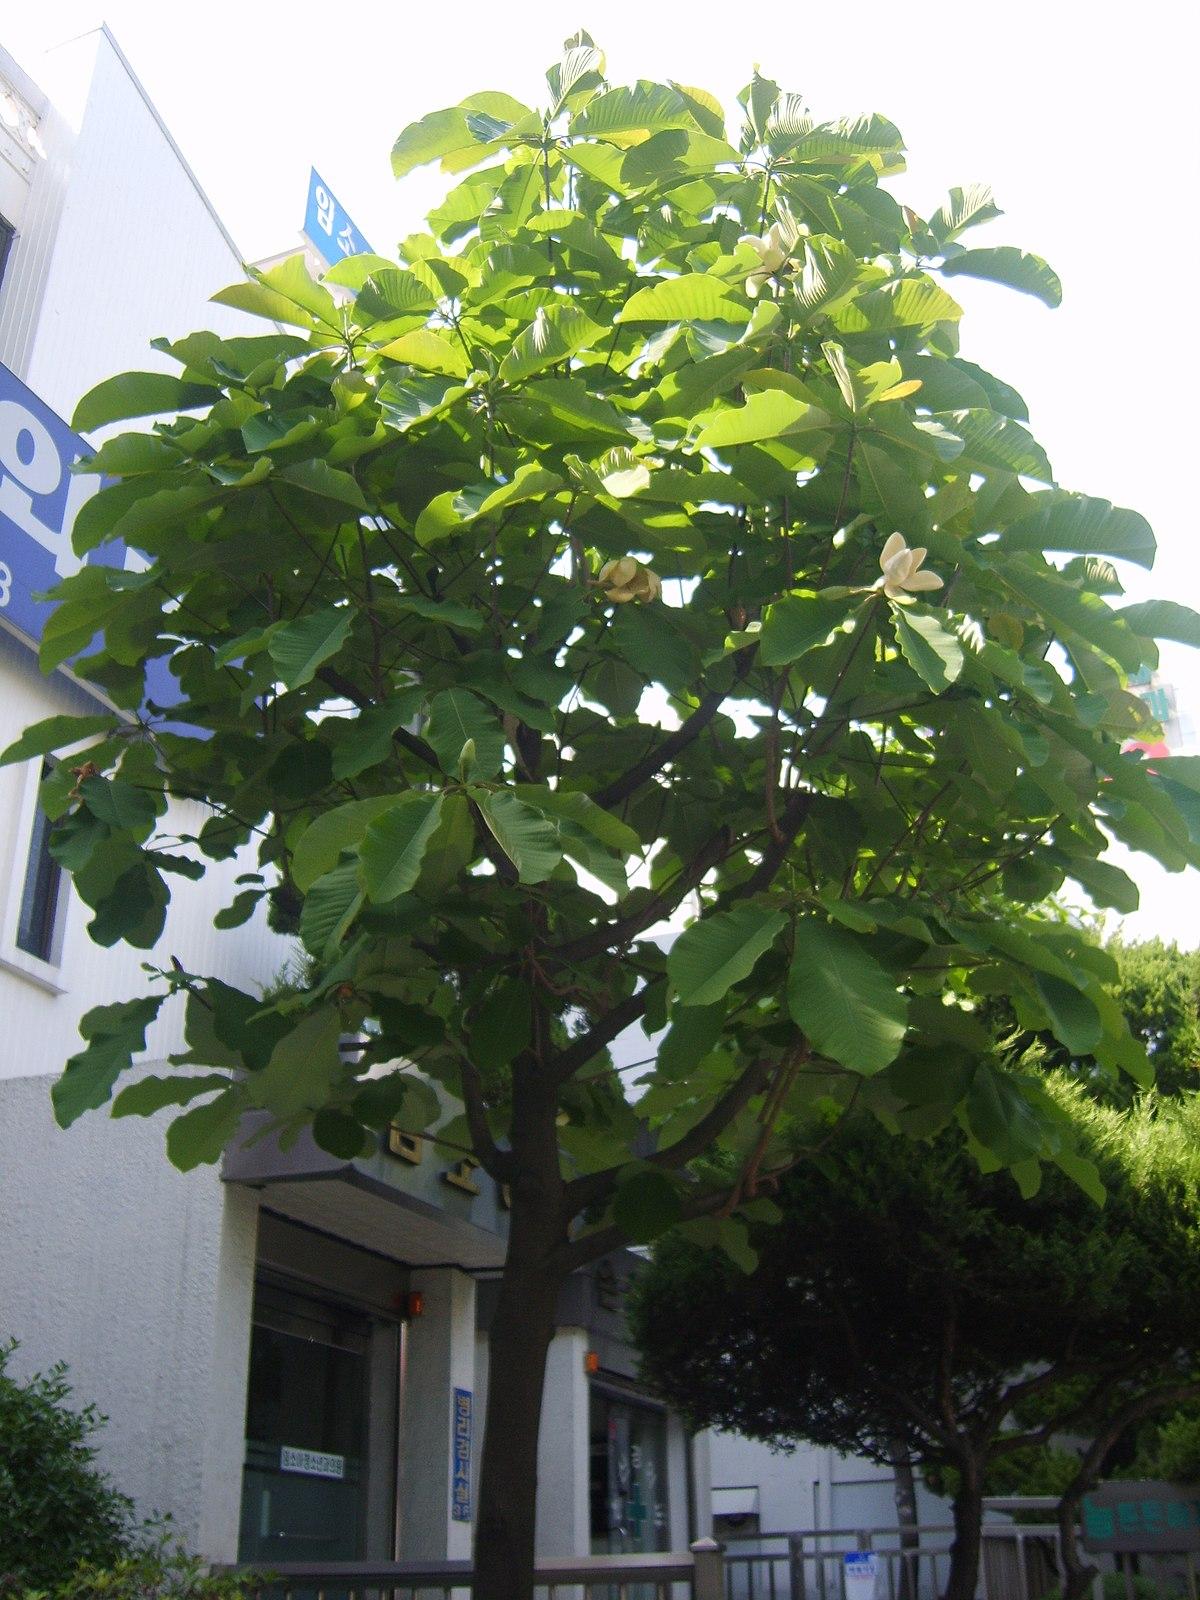 Magnolia Obovata Wikimedia Commons